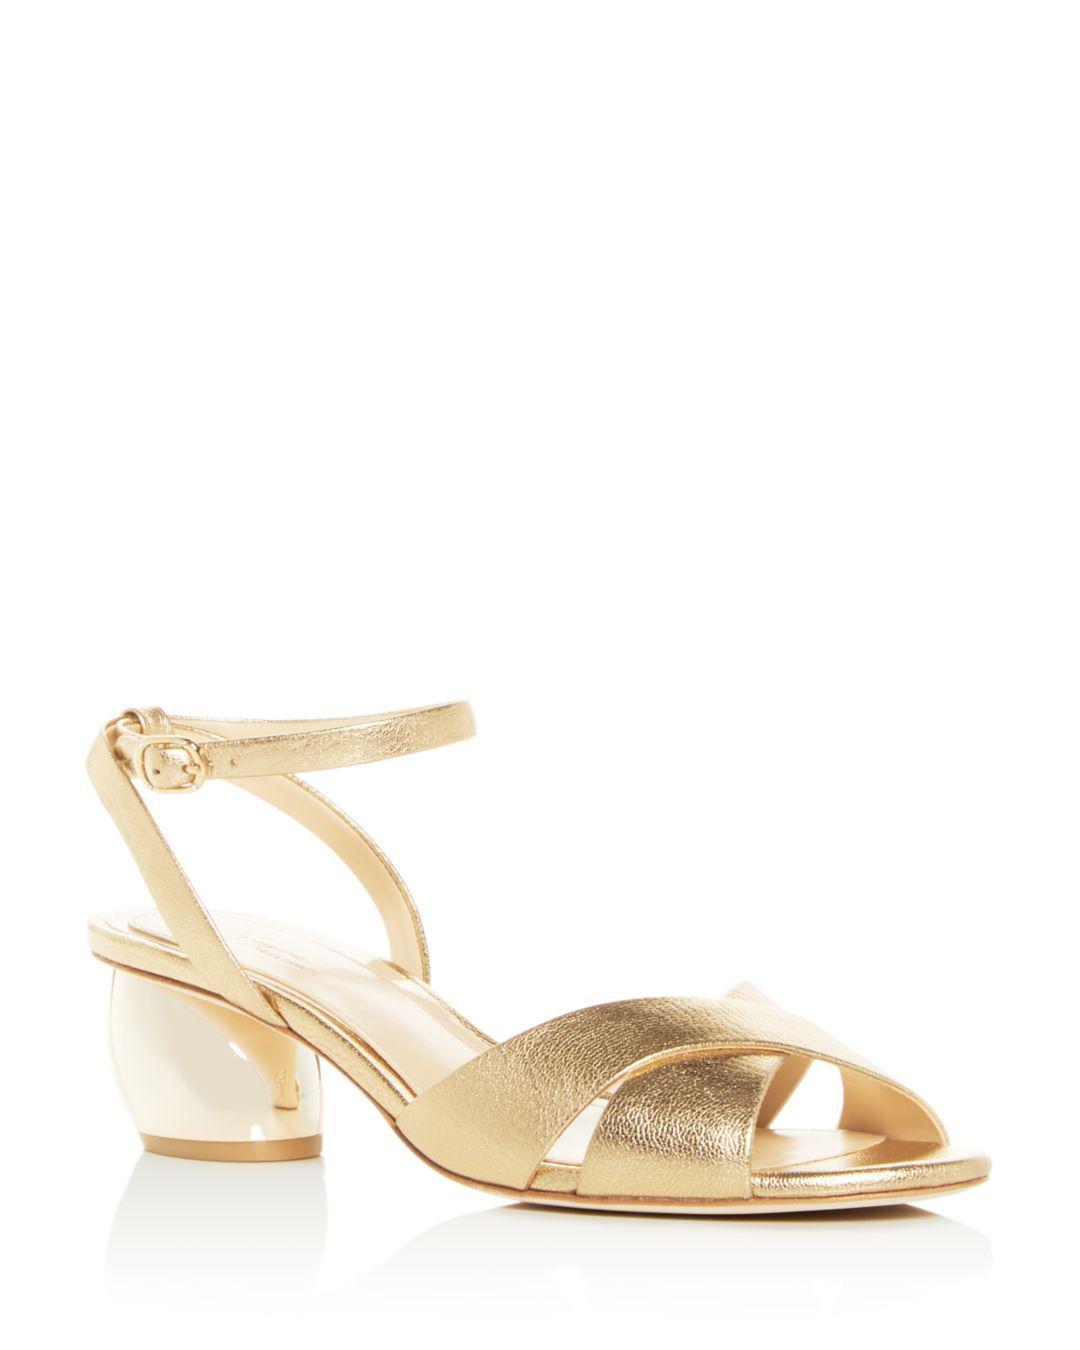 7ab60711169c Imagine Vince Camuto Women s Leven Mid-heel Sandals in Metallic - Lyst